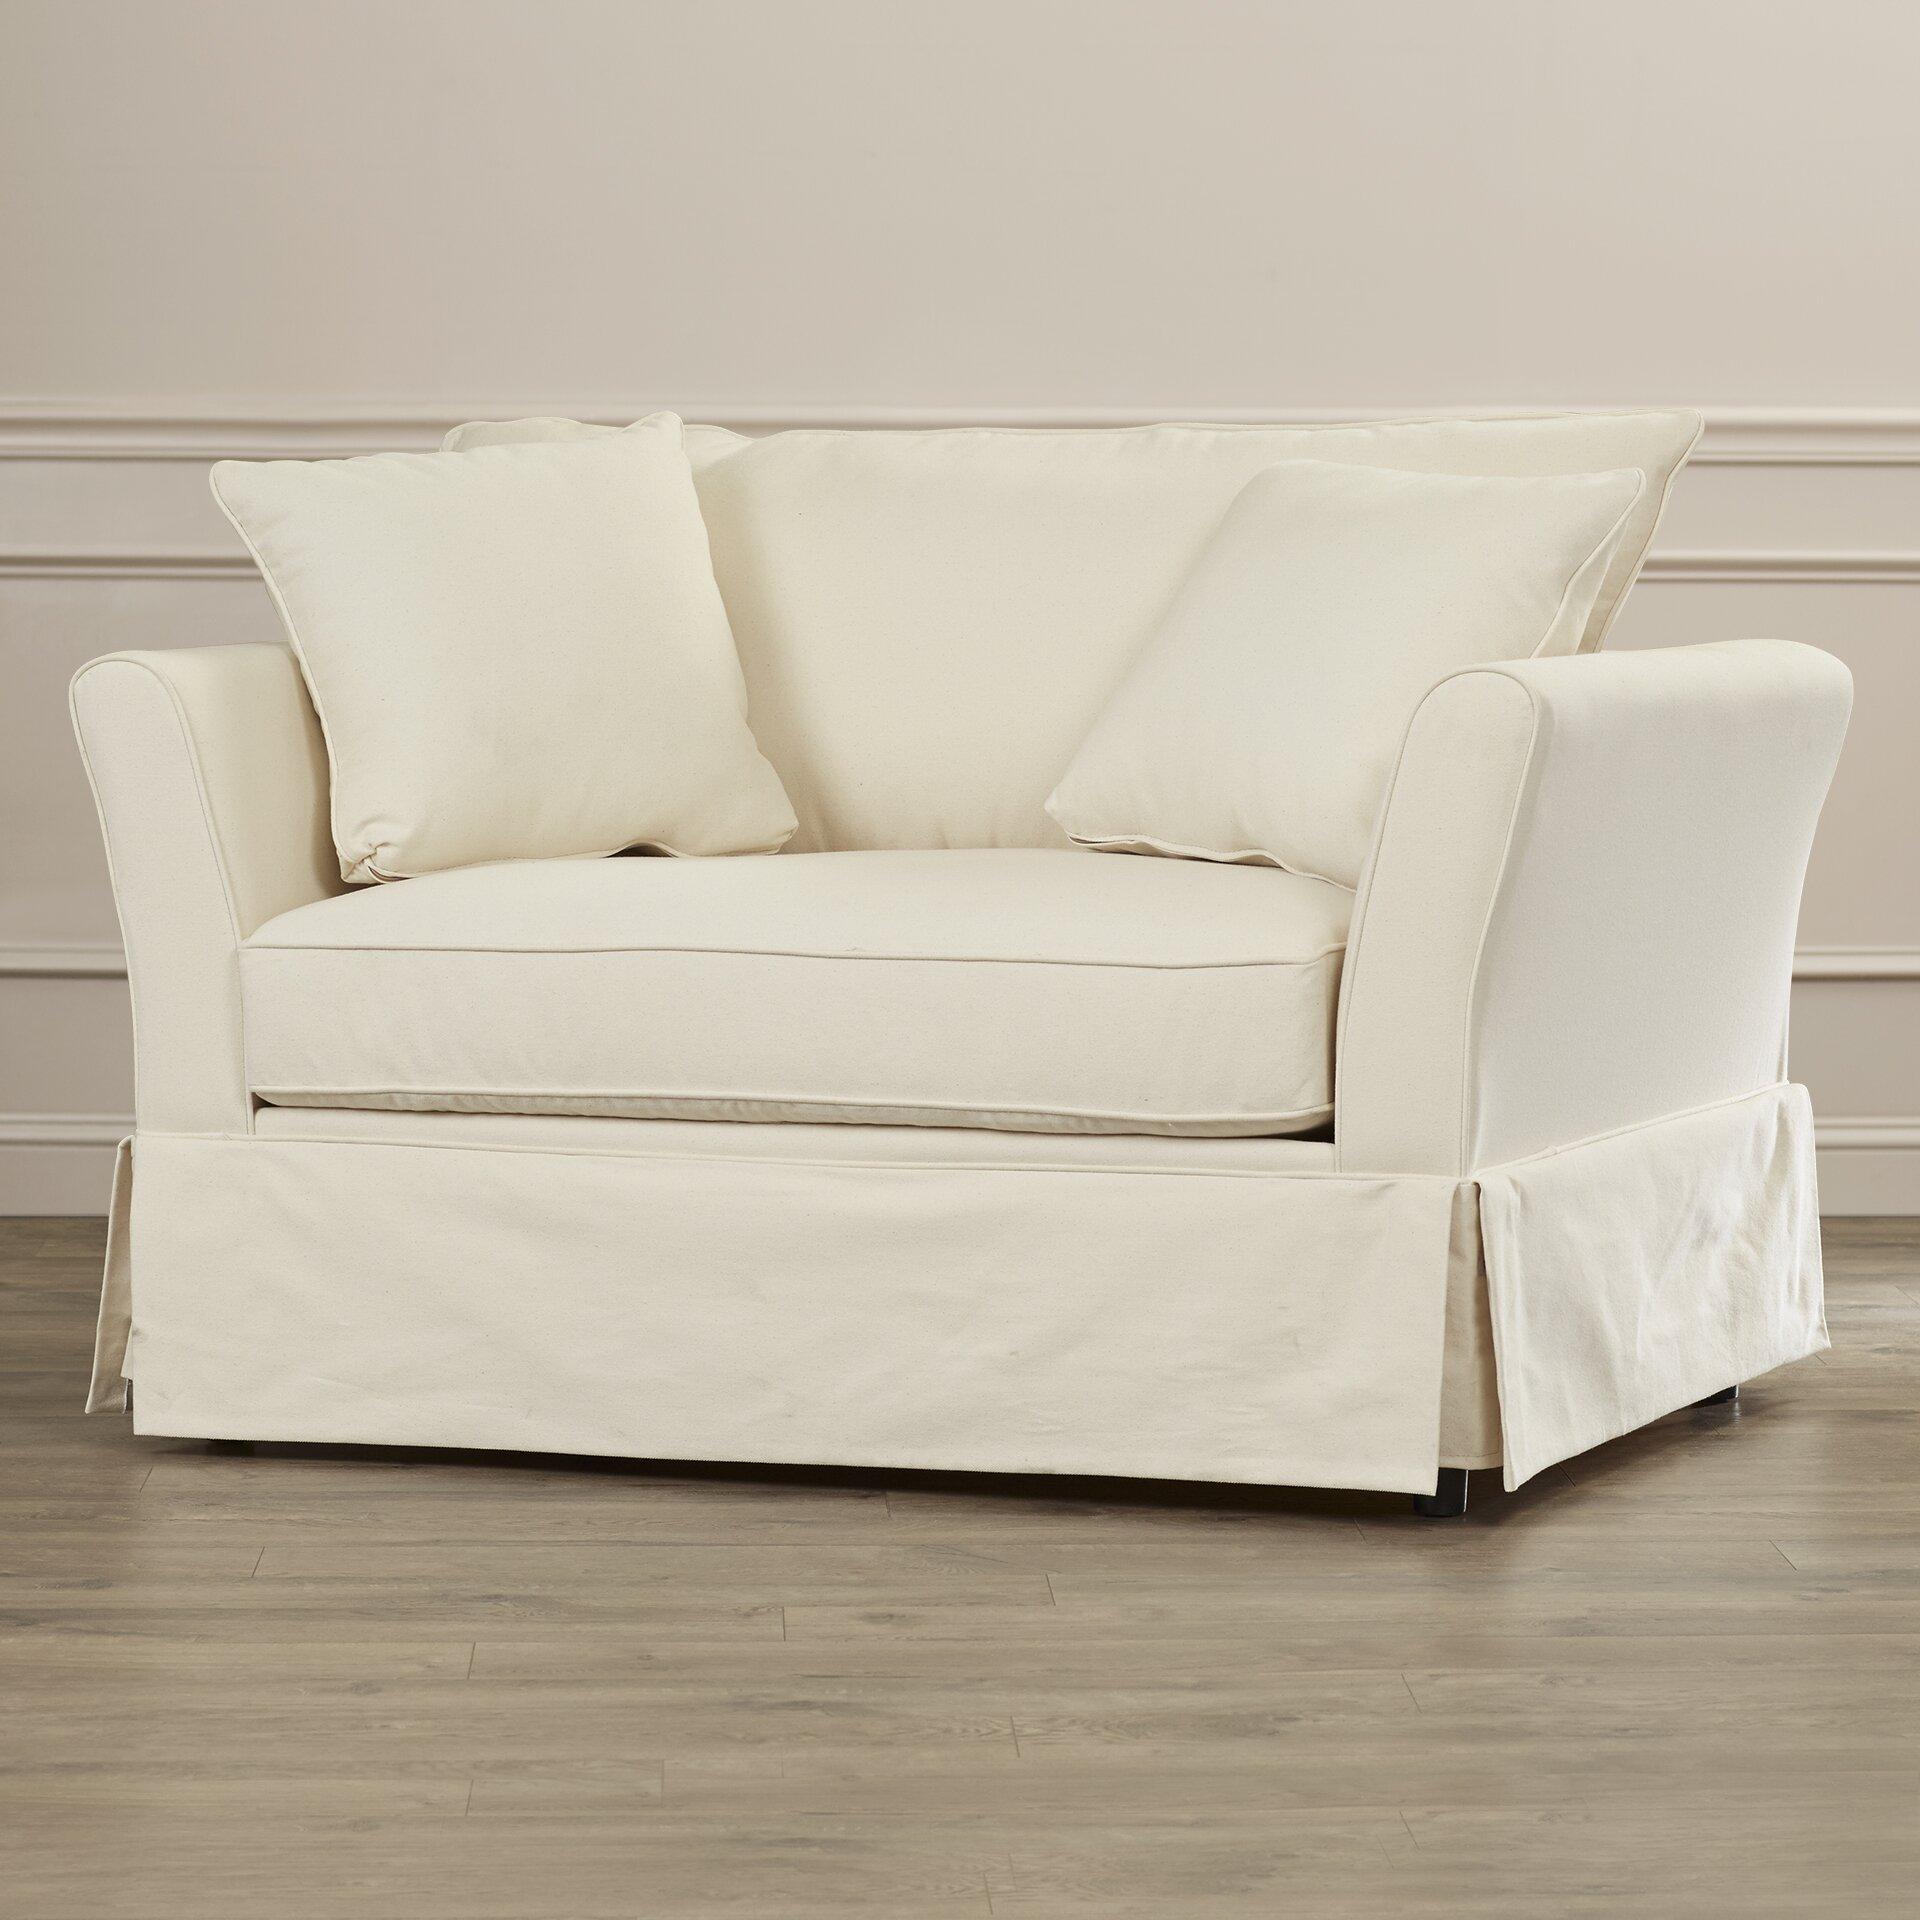 Wayfair Custom Upholstery Shelby Arm Chair & Reviews | Wayfair